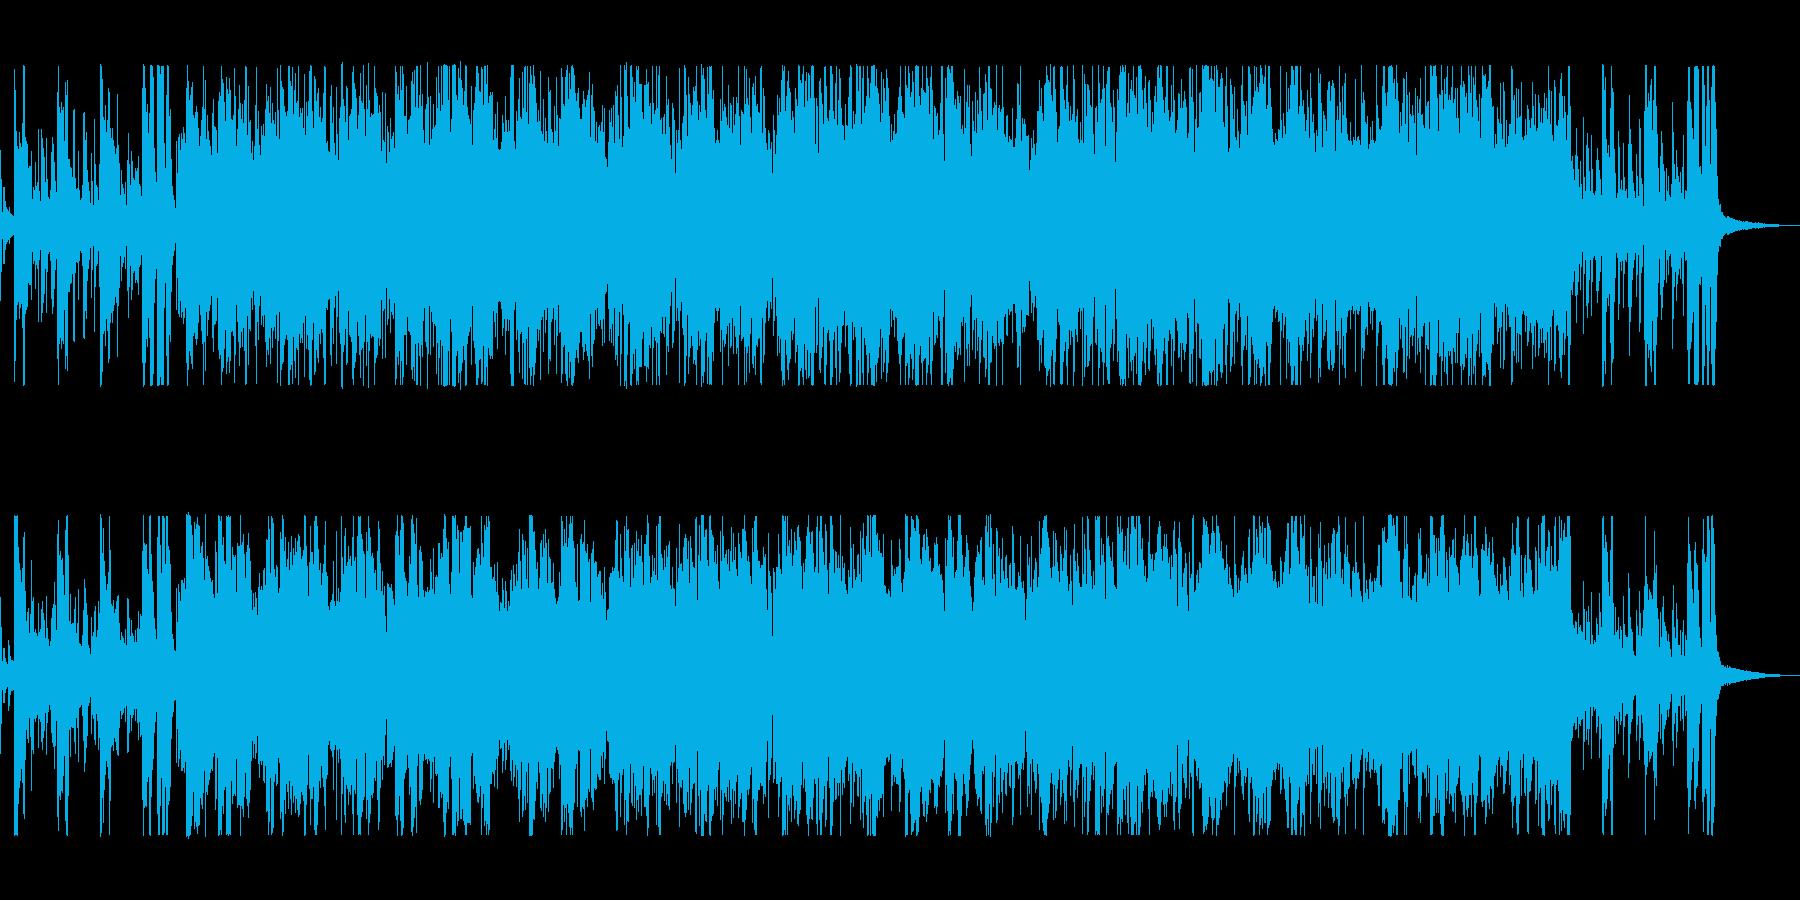 情熱的なフラメンコ・ジャズの再生済みの波形